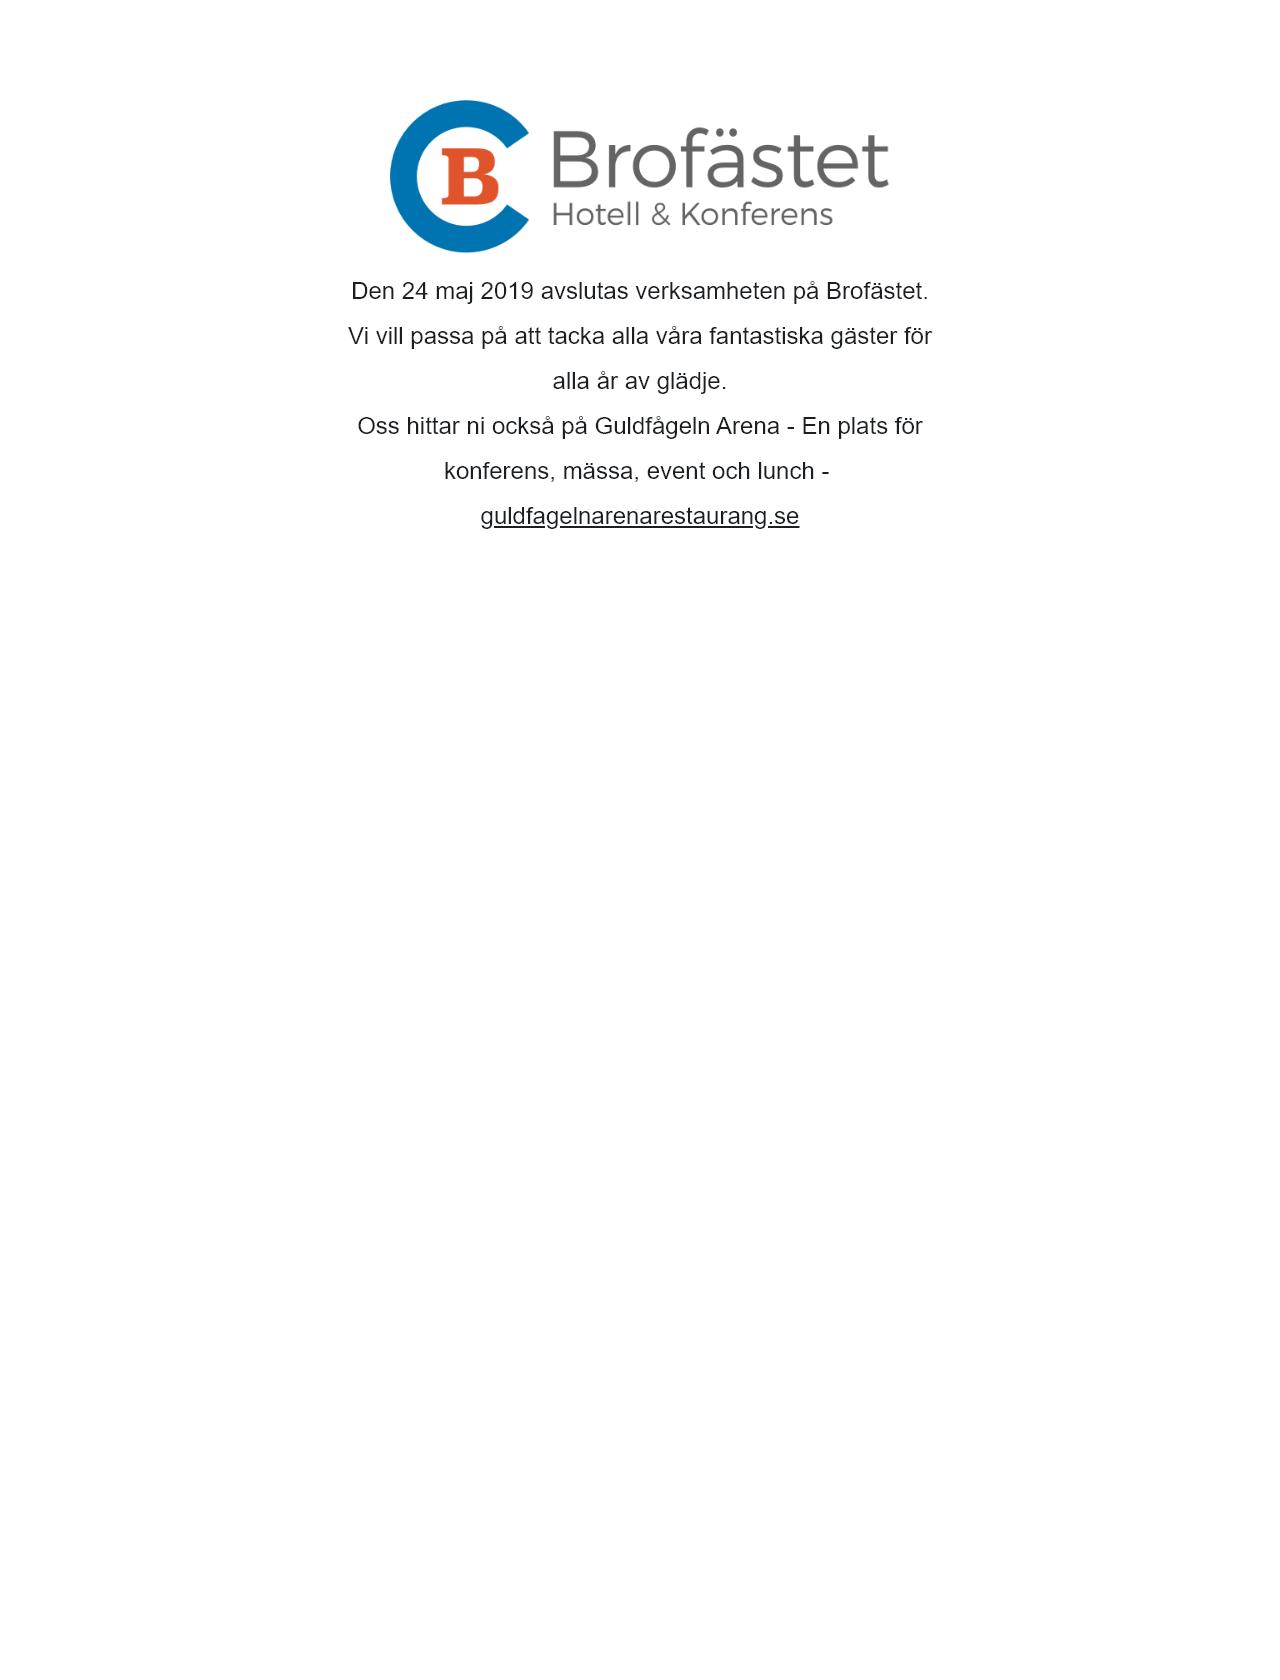 Screenshot Desktop - https://brofastet.se/